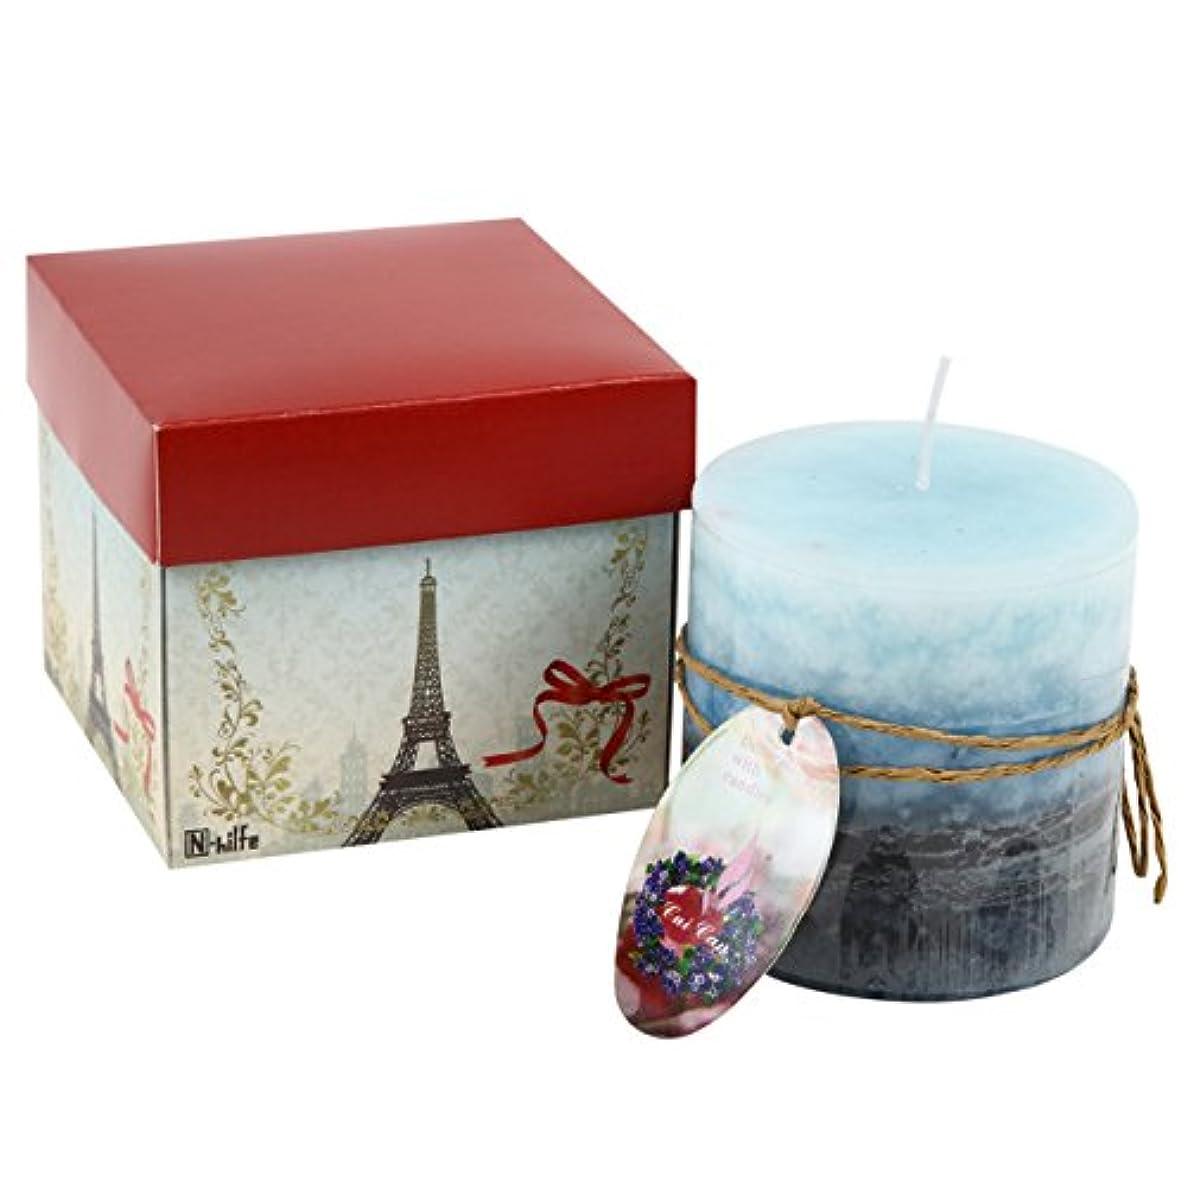 とにかくブル修正するN-hilfe キャンドル 7.5x7.5cm 蝋燭 アロマキャンドル (ビーチ,青)